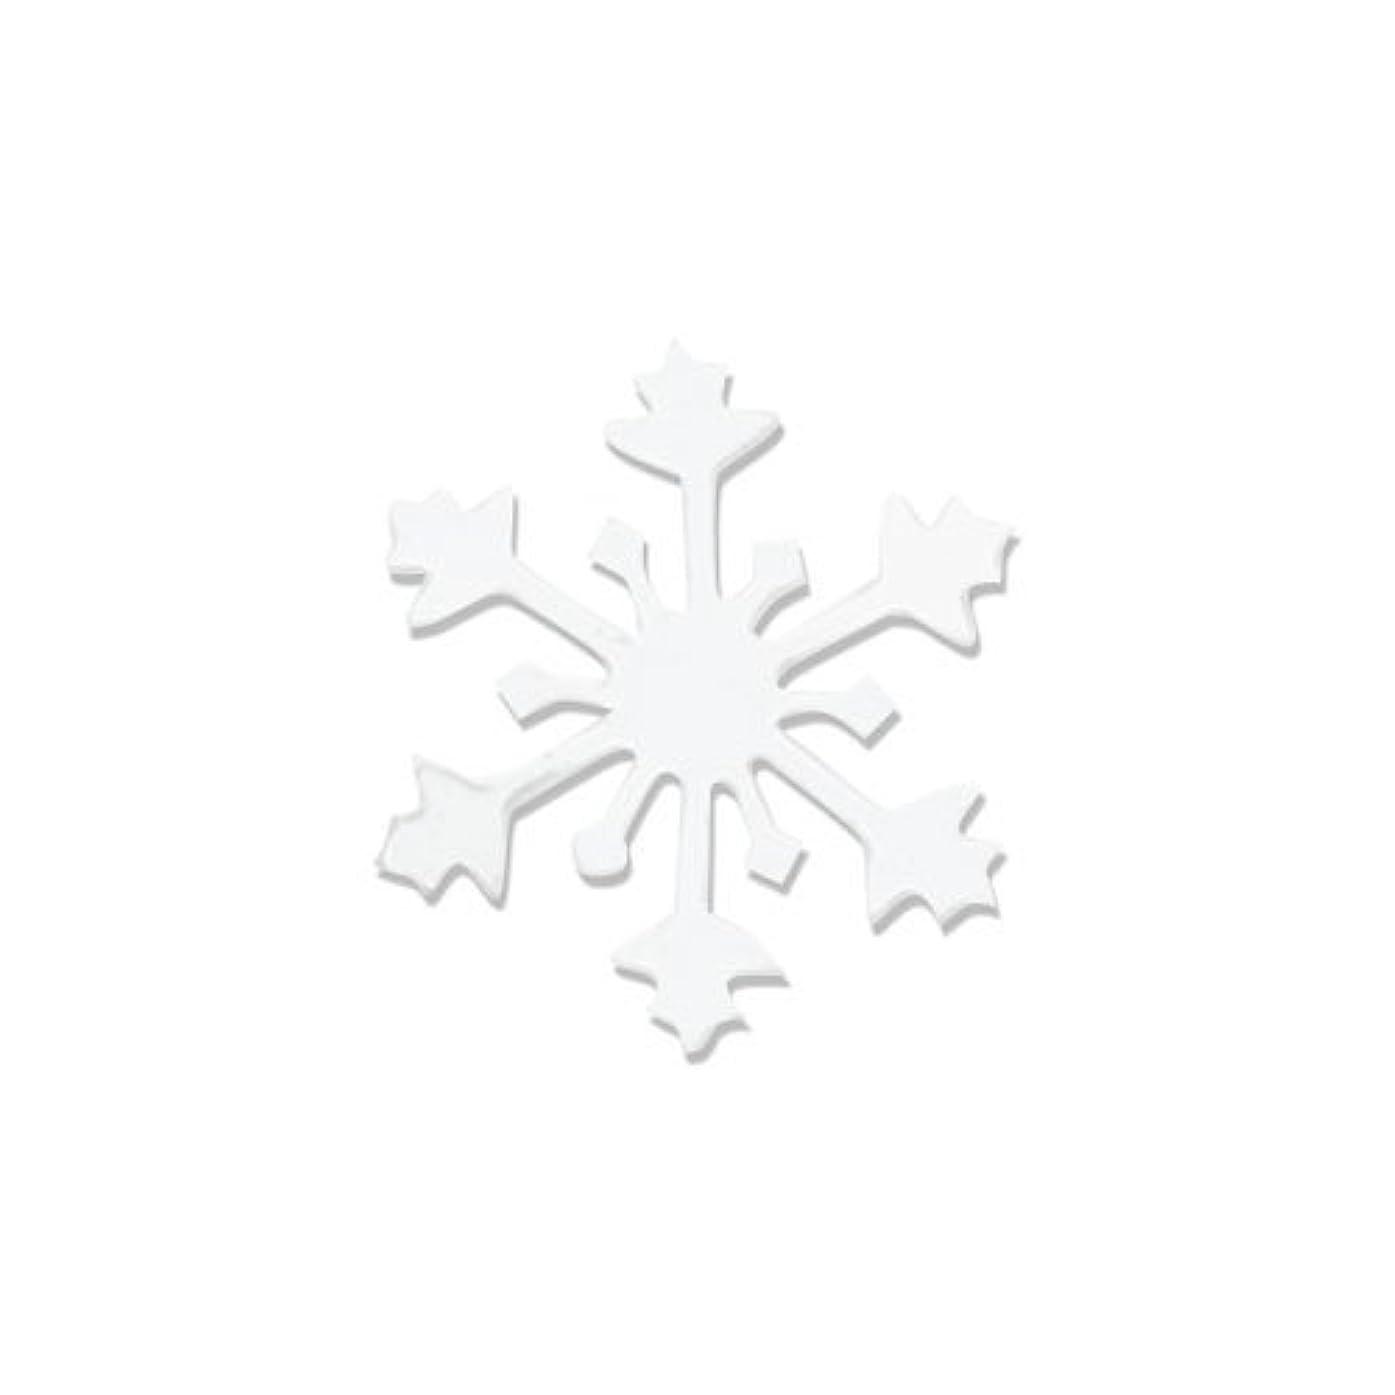 落とし穴担当者過度のリトルプリティー ネイルアートパーツ スノークリスタル SS ホワイト 15個